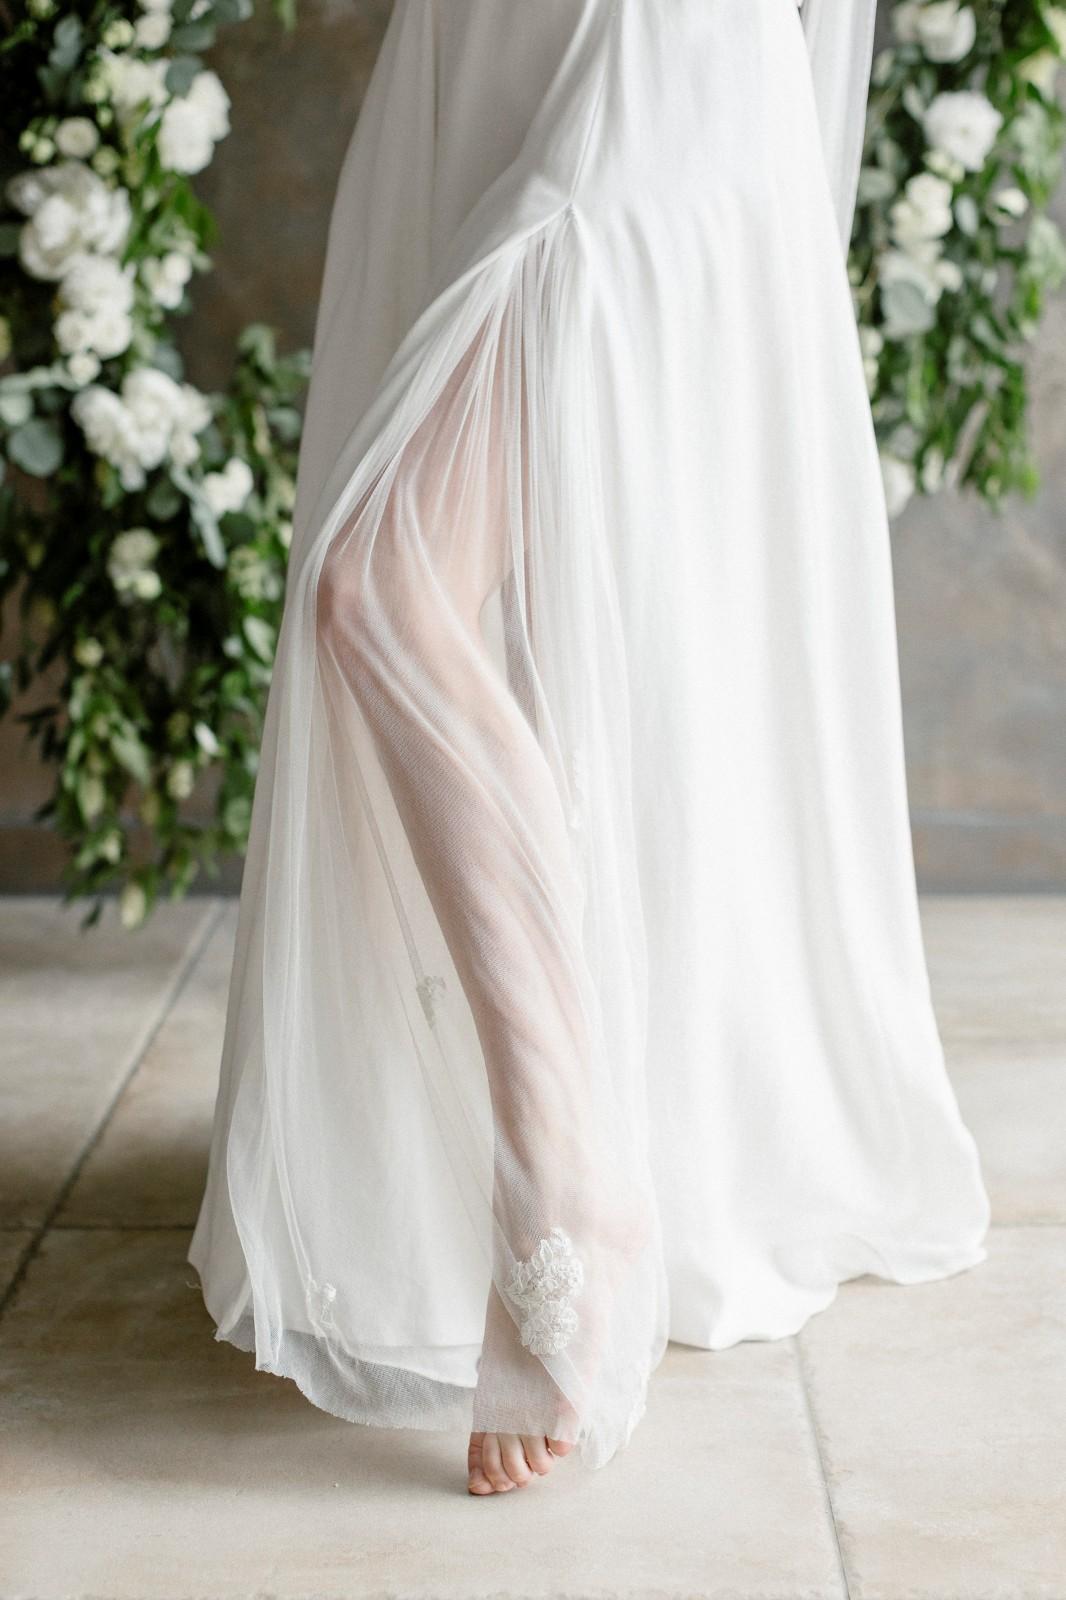 Robe de mariée zéro-déchet fabriqué à Nantes.